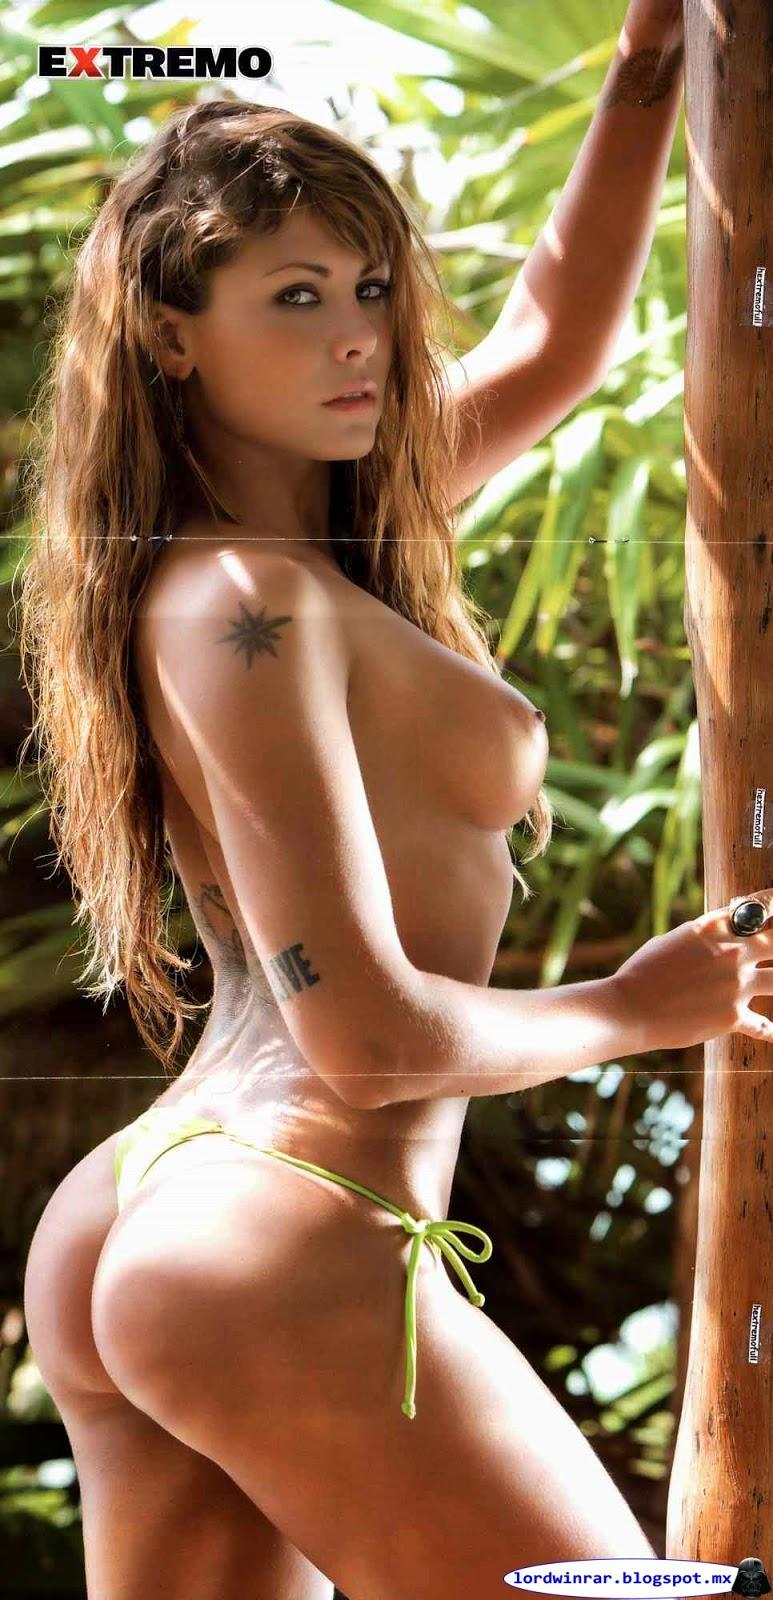 Amanda Rosa H Extremo download sex pics amanda rosa nude pics   nude picture hd